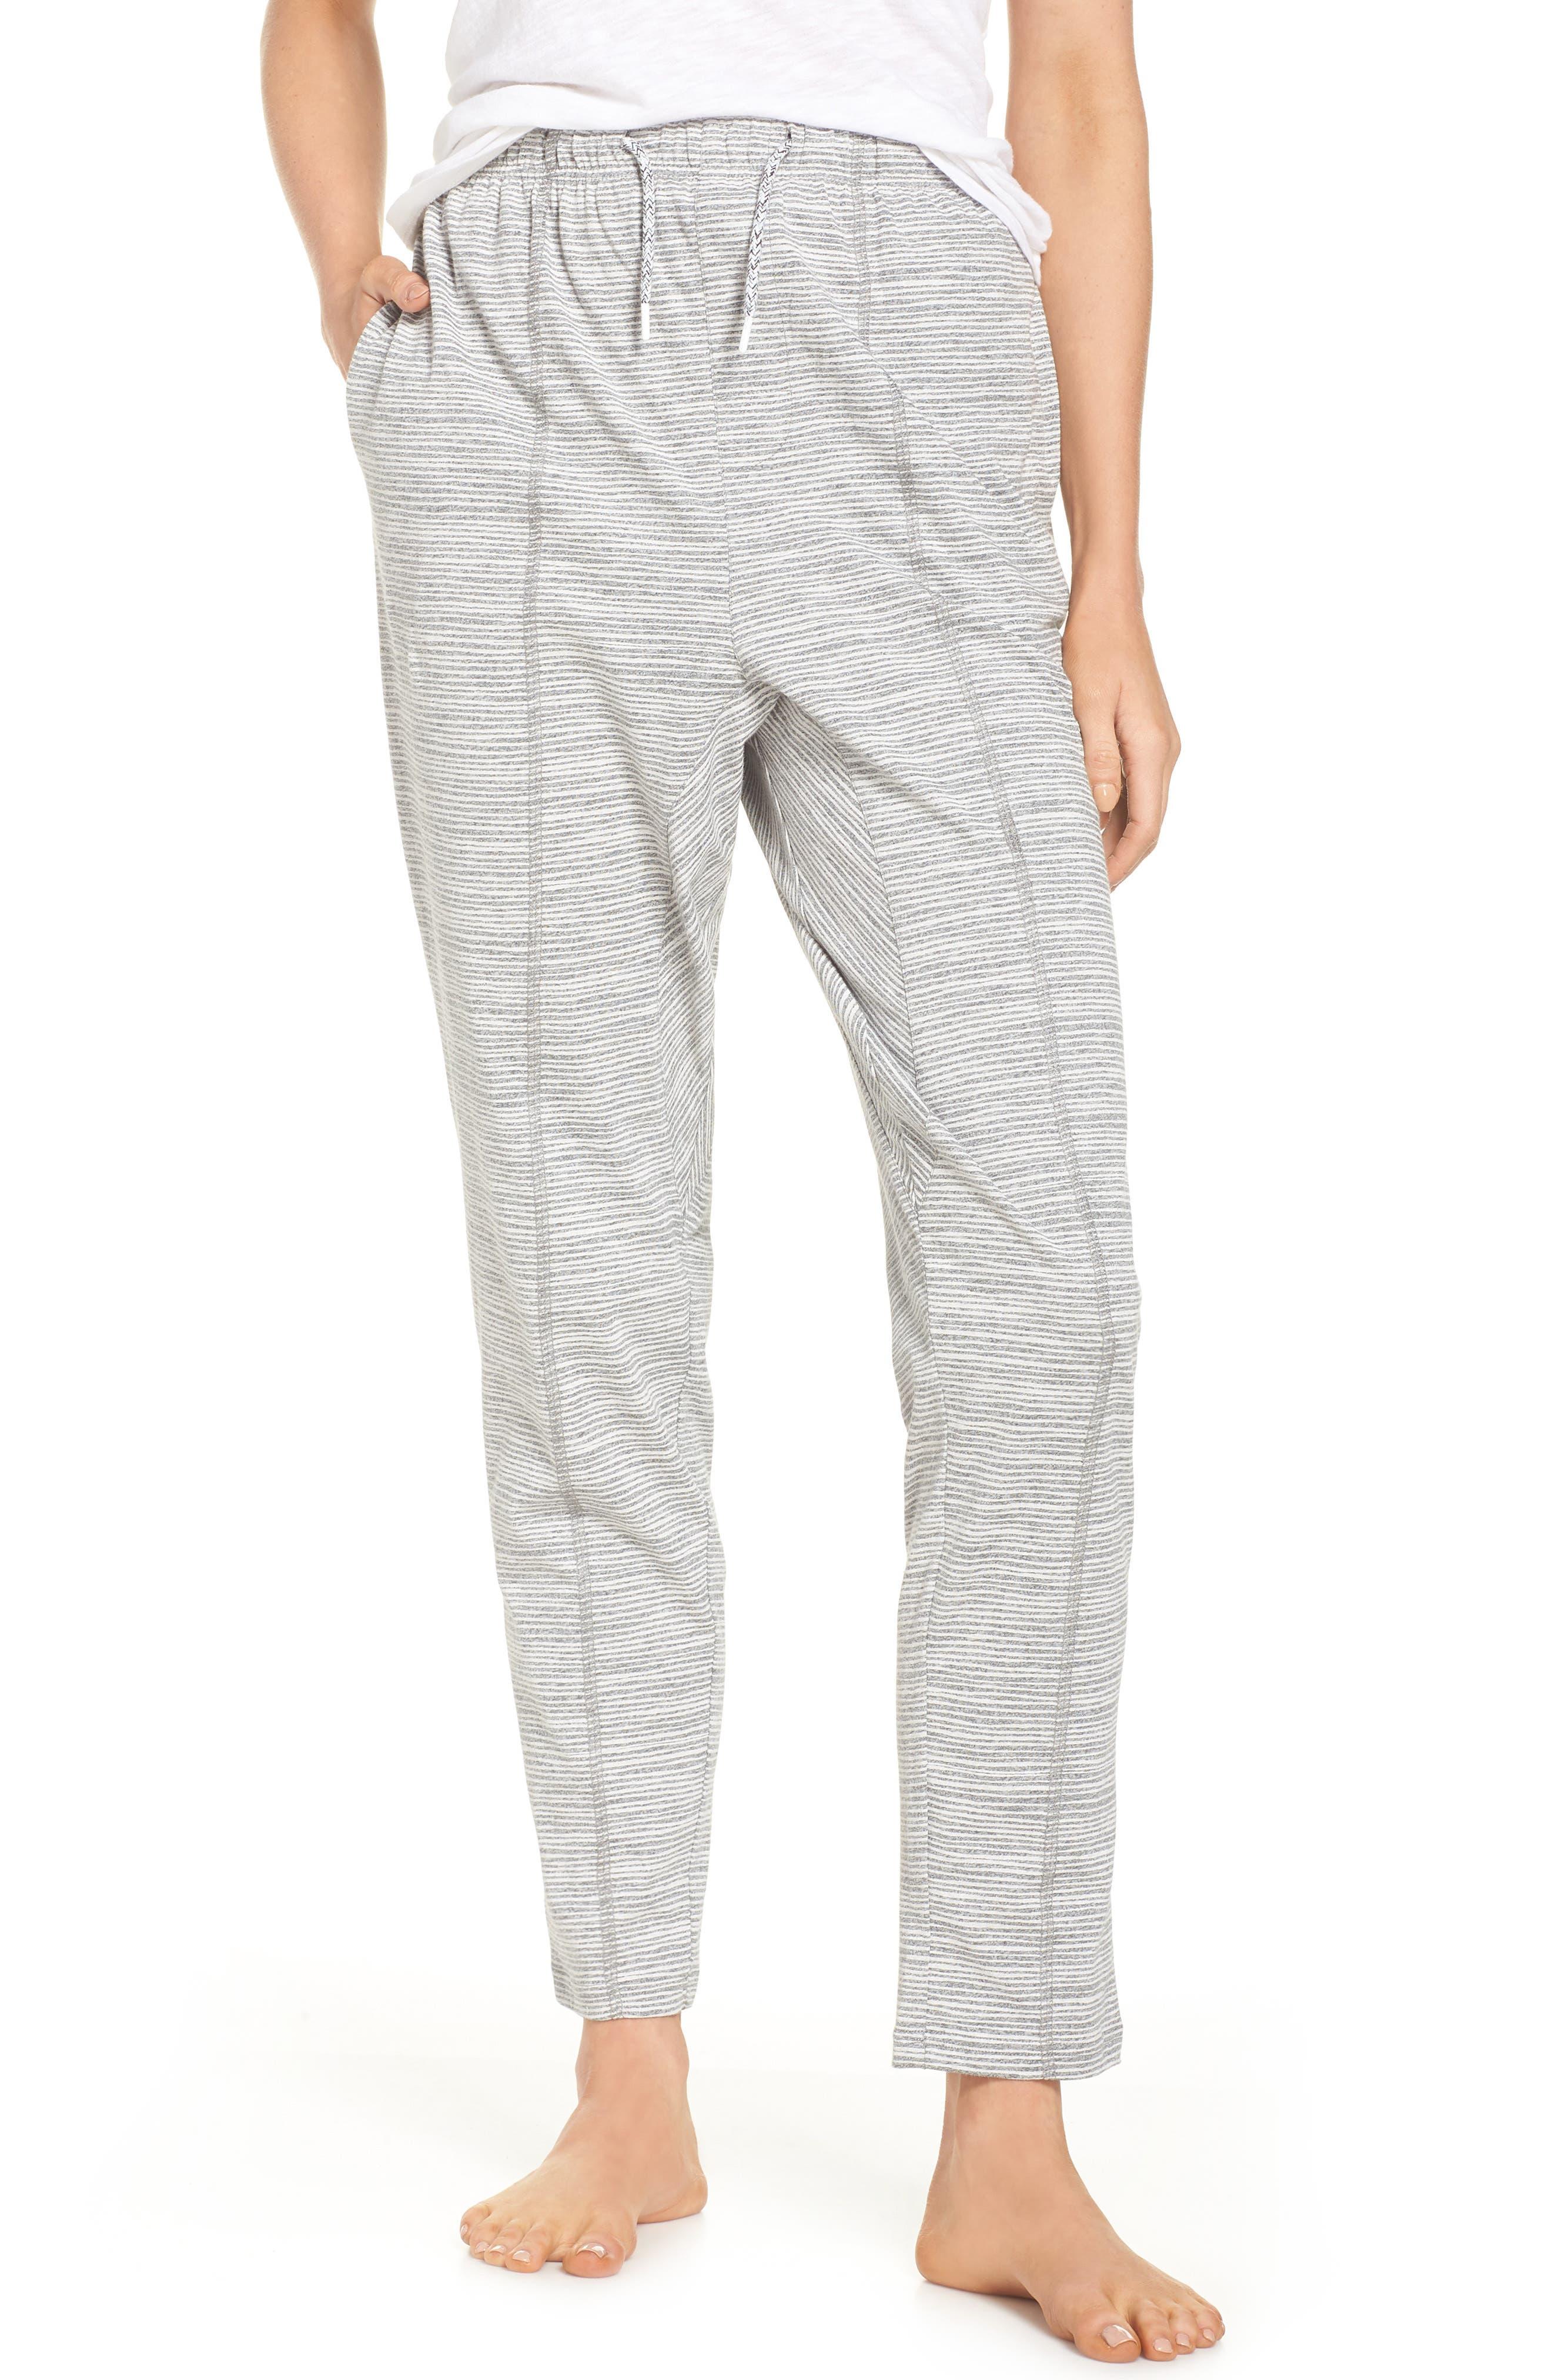 CHALMERS Ash Stripe Lounge Pants, Main, color, 033